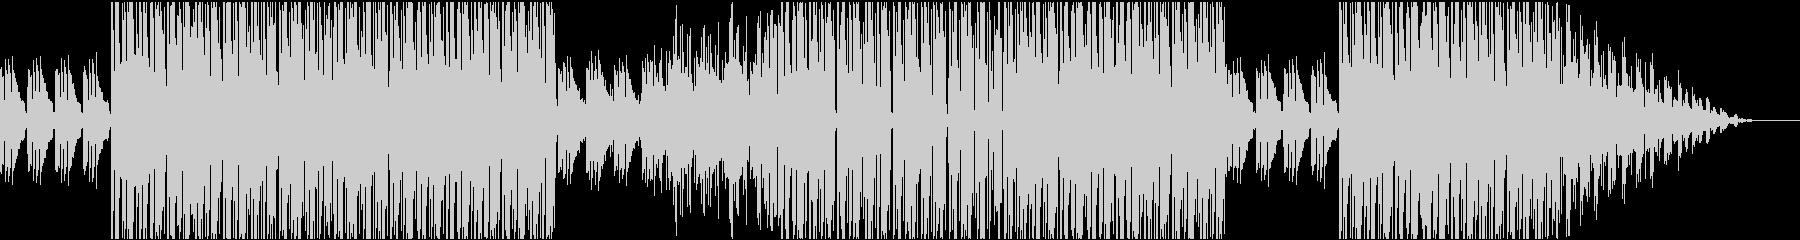 ローファイ オールドピアノ&シンセの未再生の波形